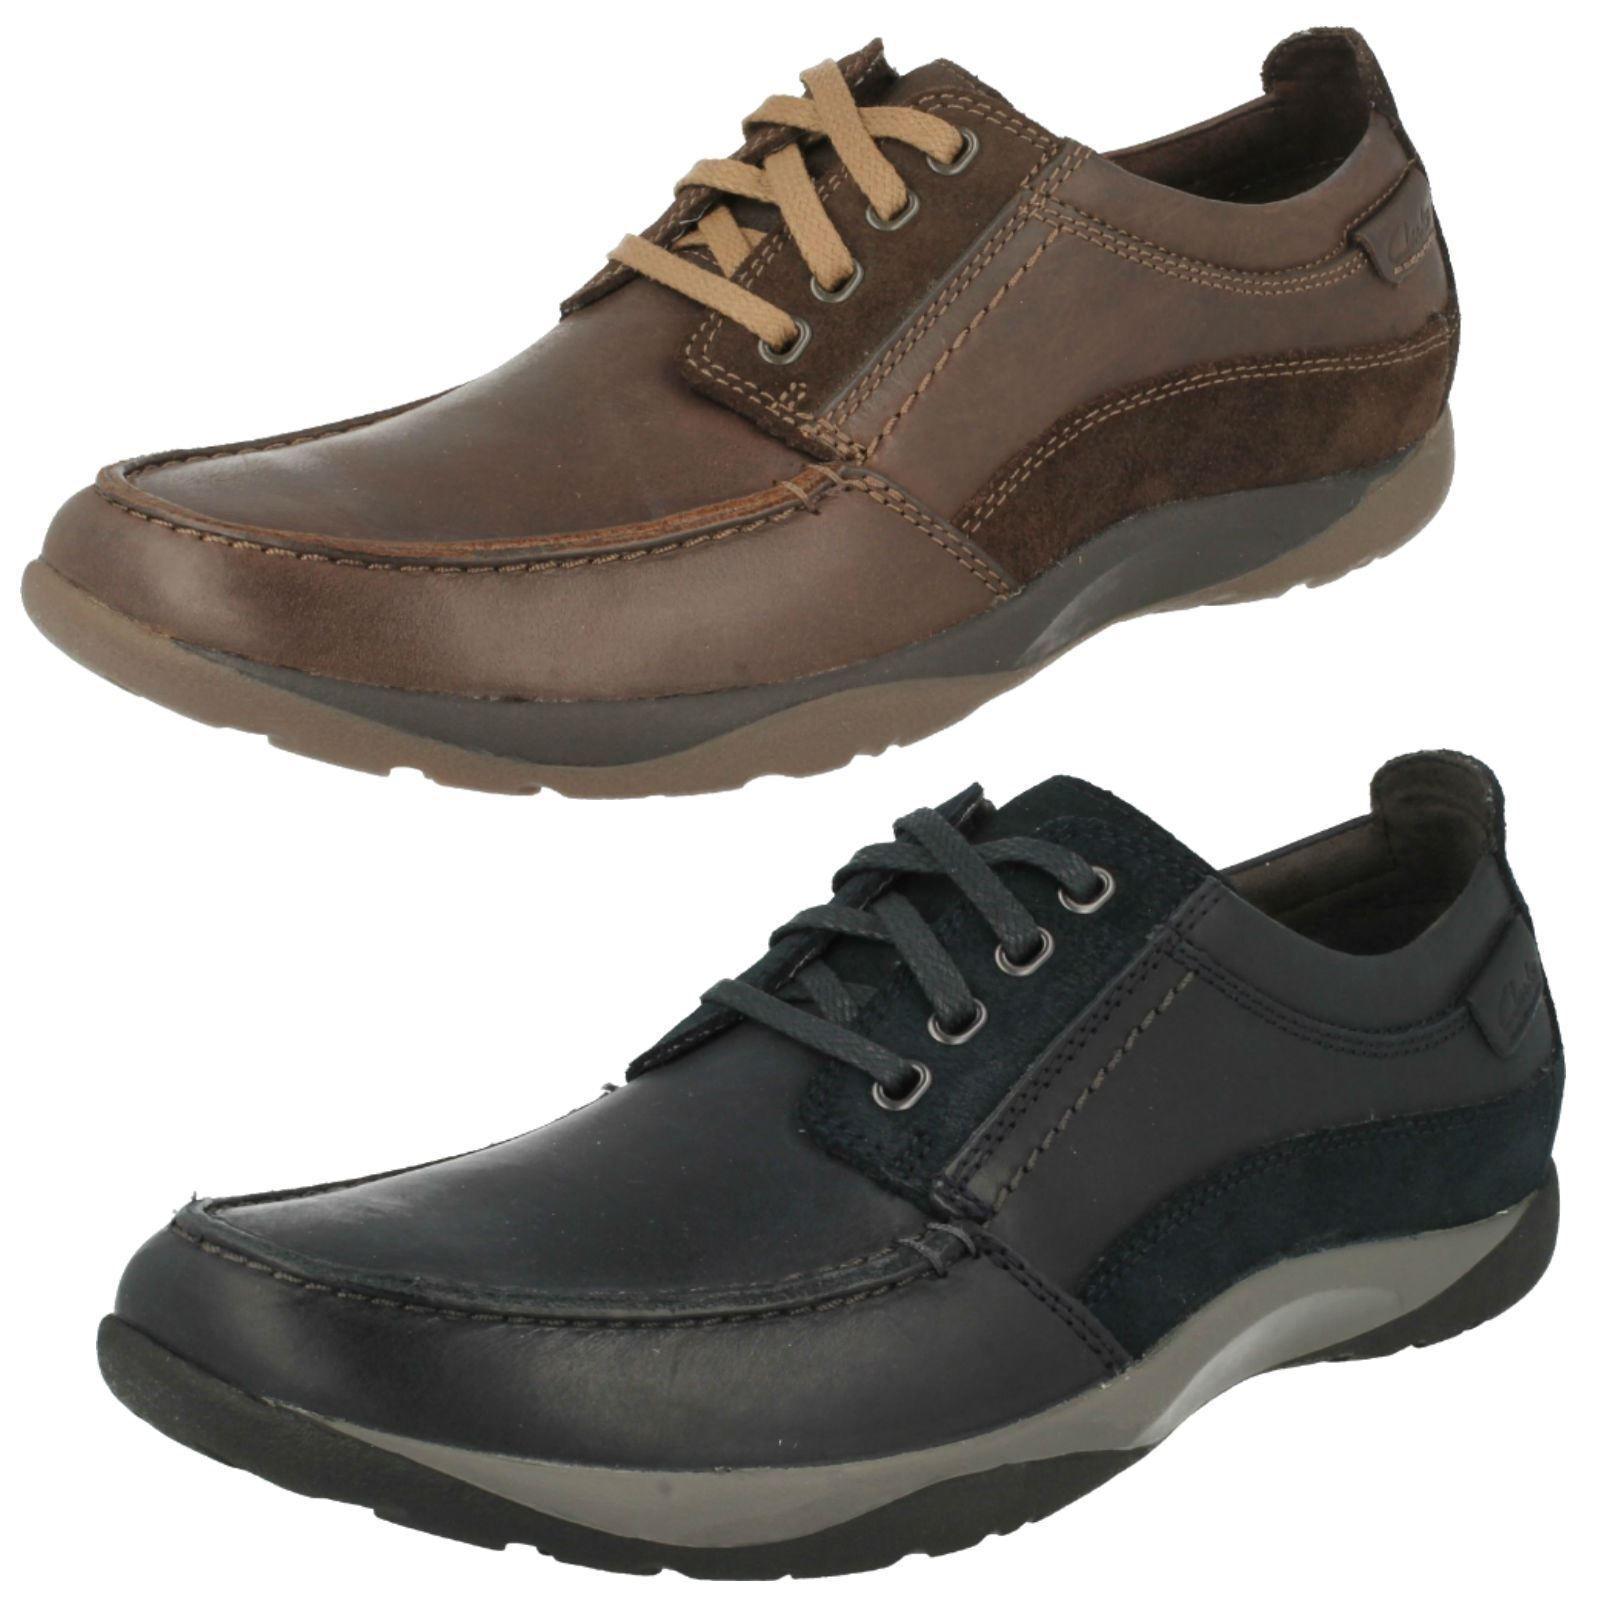 Vendita Da Uomo Clarks Pelle Stringati Scarpe tutti casual di tutti Scarpe i giorni Trainer Percorso a Piedi .99 03d25c